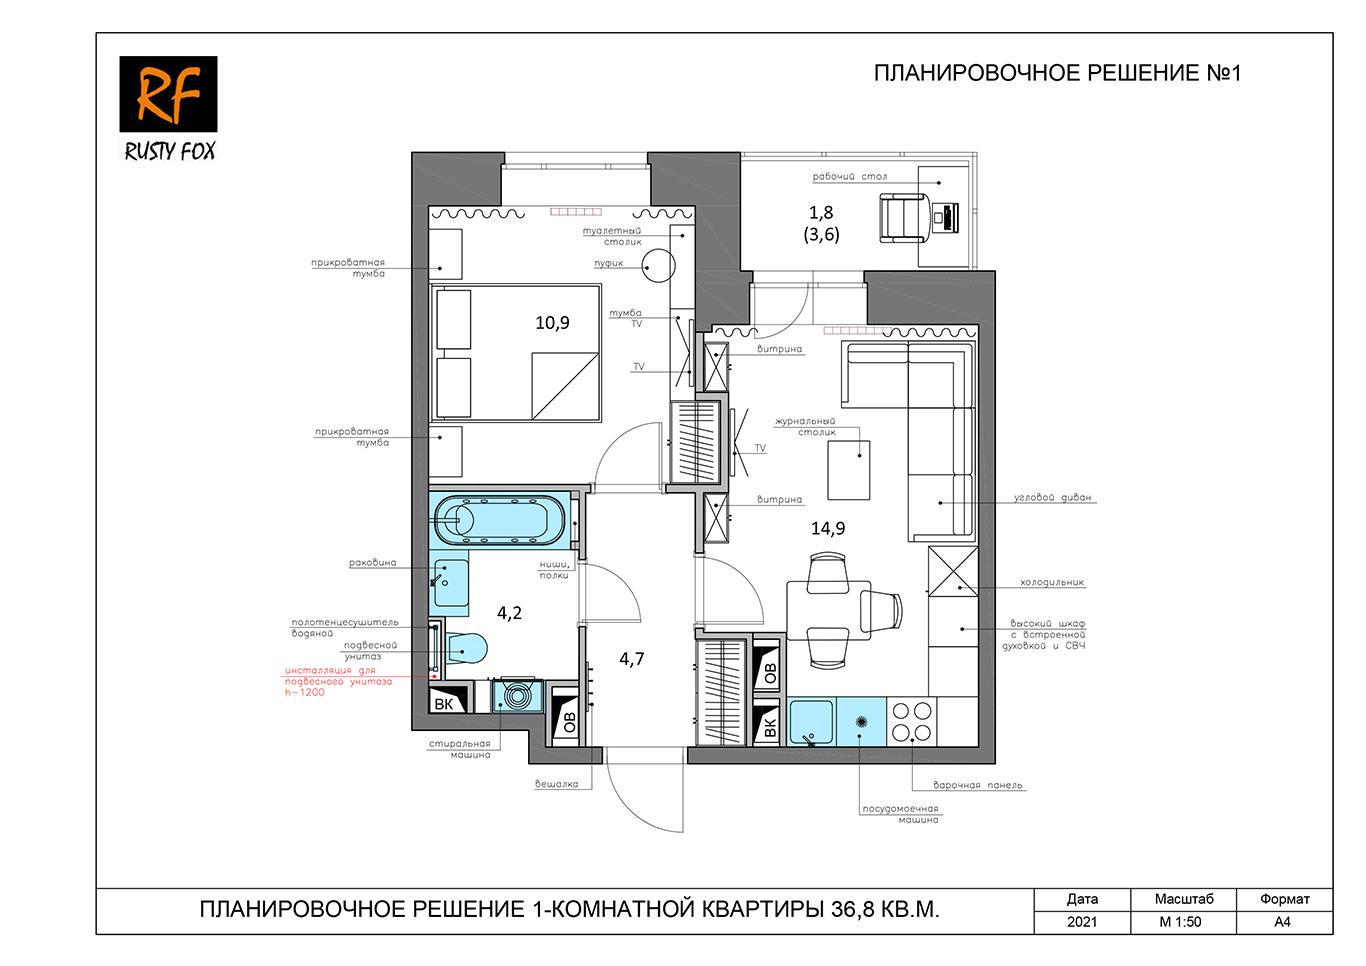 ЖК Люберцы корпус 52, секция 1. Планировочное решение №1 1-комнатная квартира левая 36,8 кв.м.